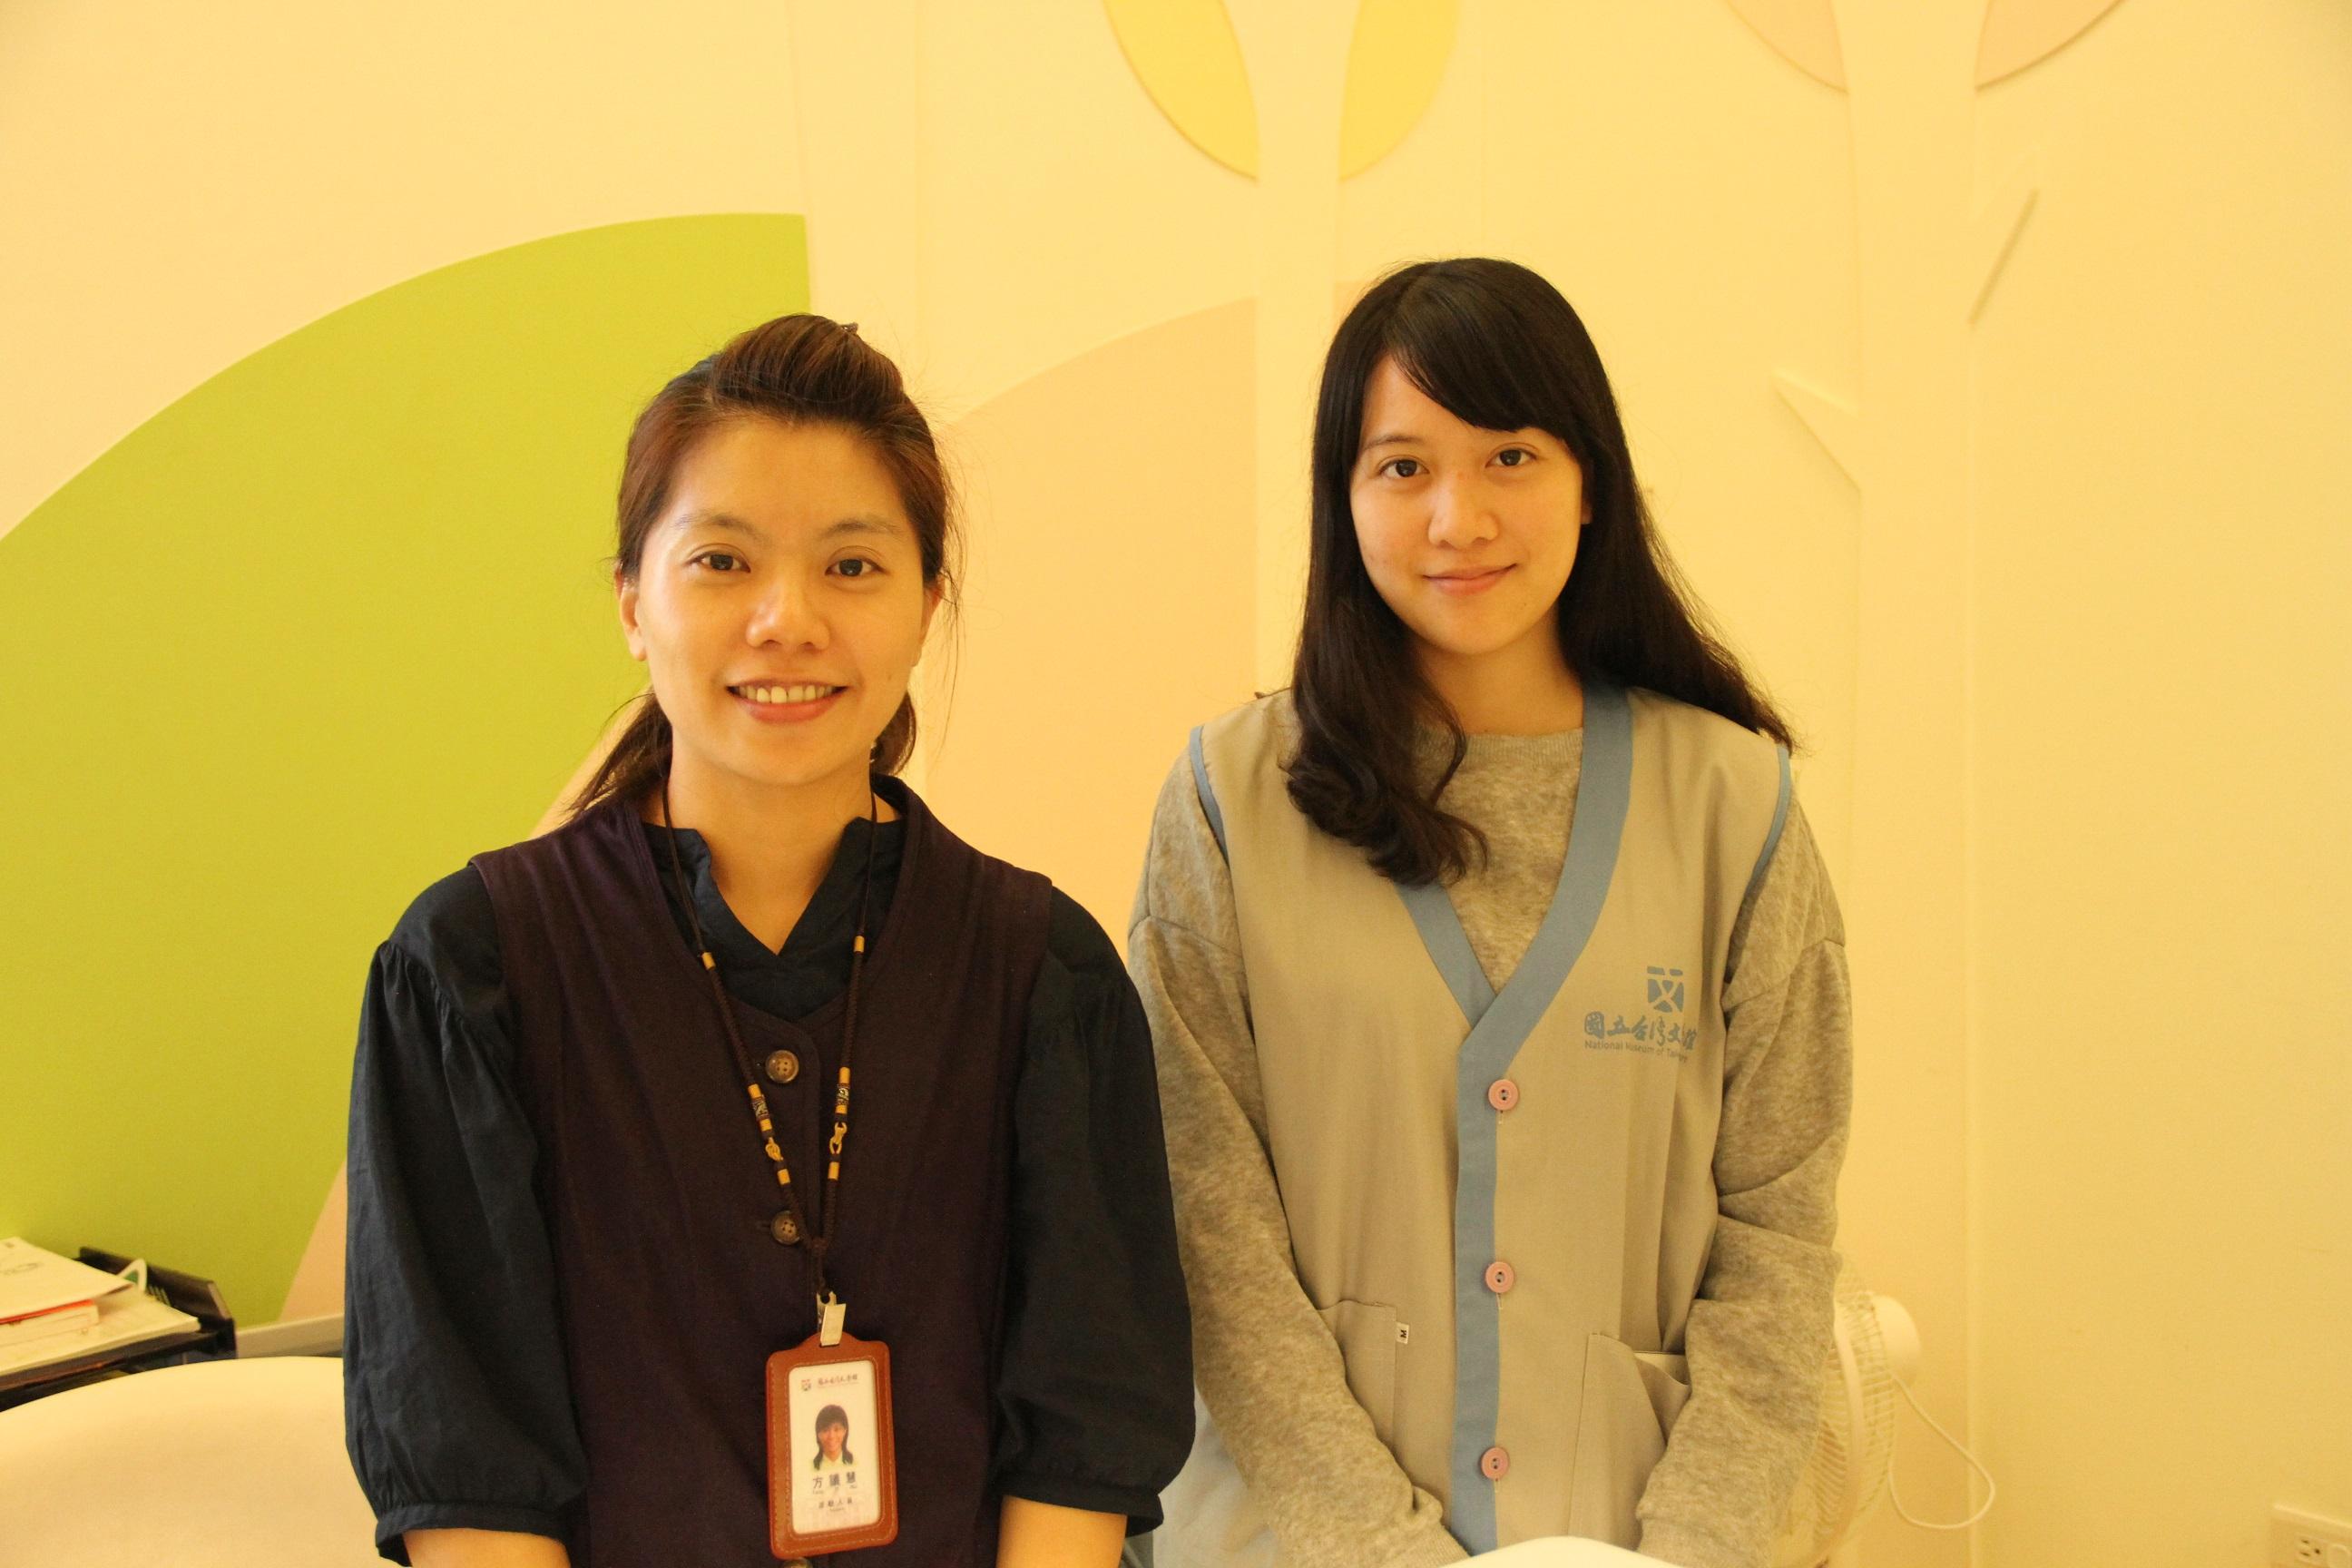 服務人員制服照片-館員穿紫色背心(左)+志工(右)